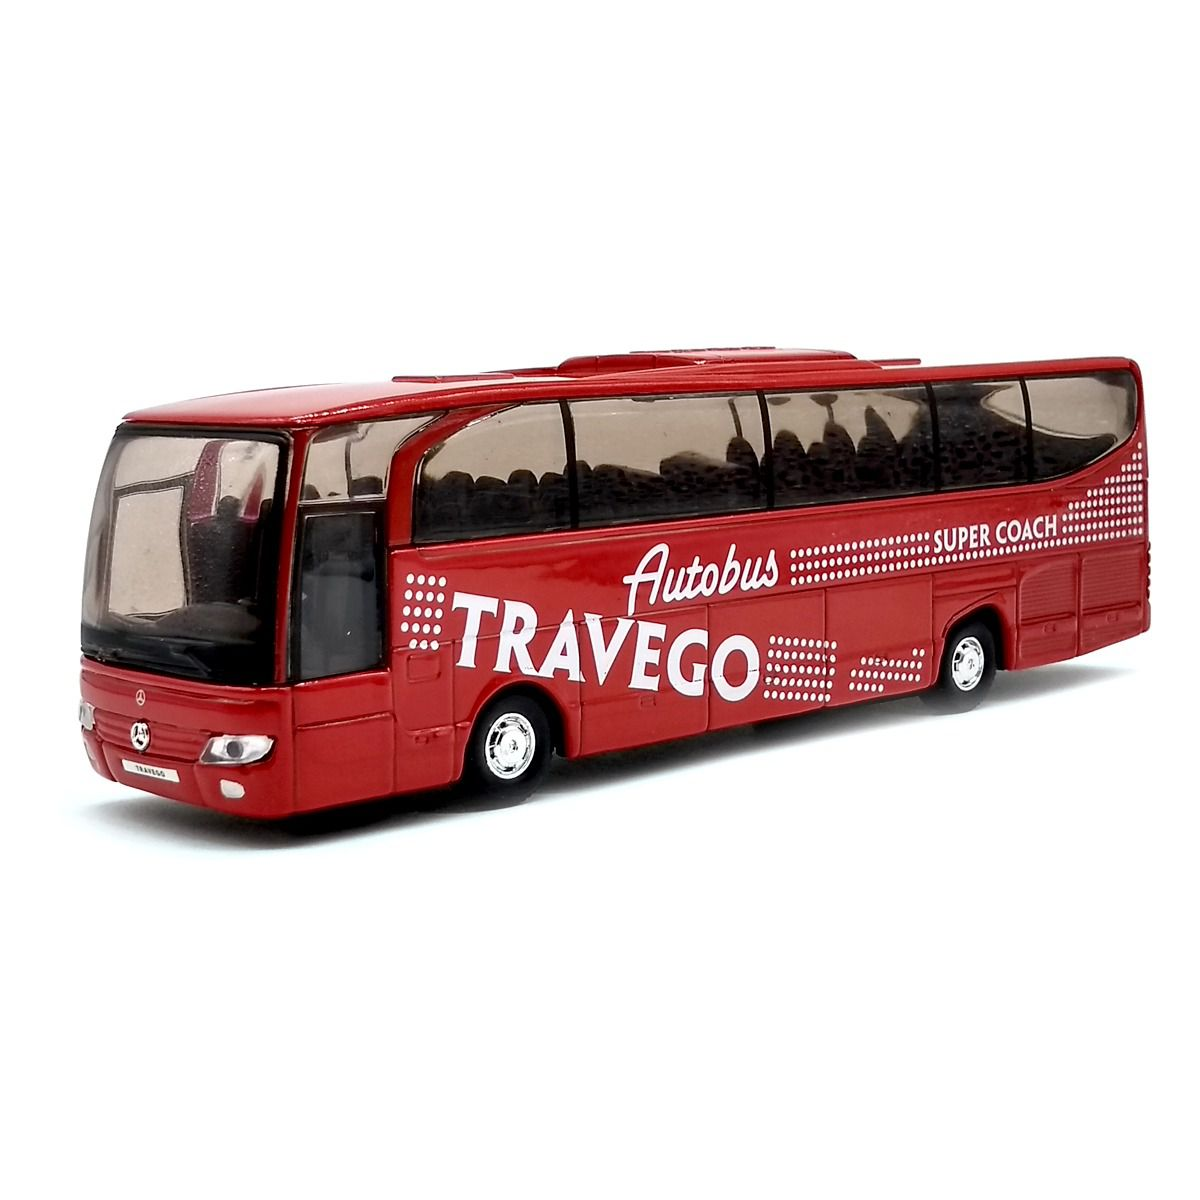 Miniatura Ônibus Mercedes Benz Travego - Vermelho - 1:60 - Welly